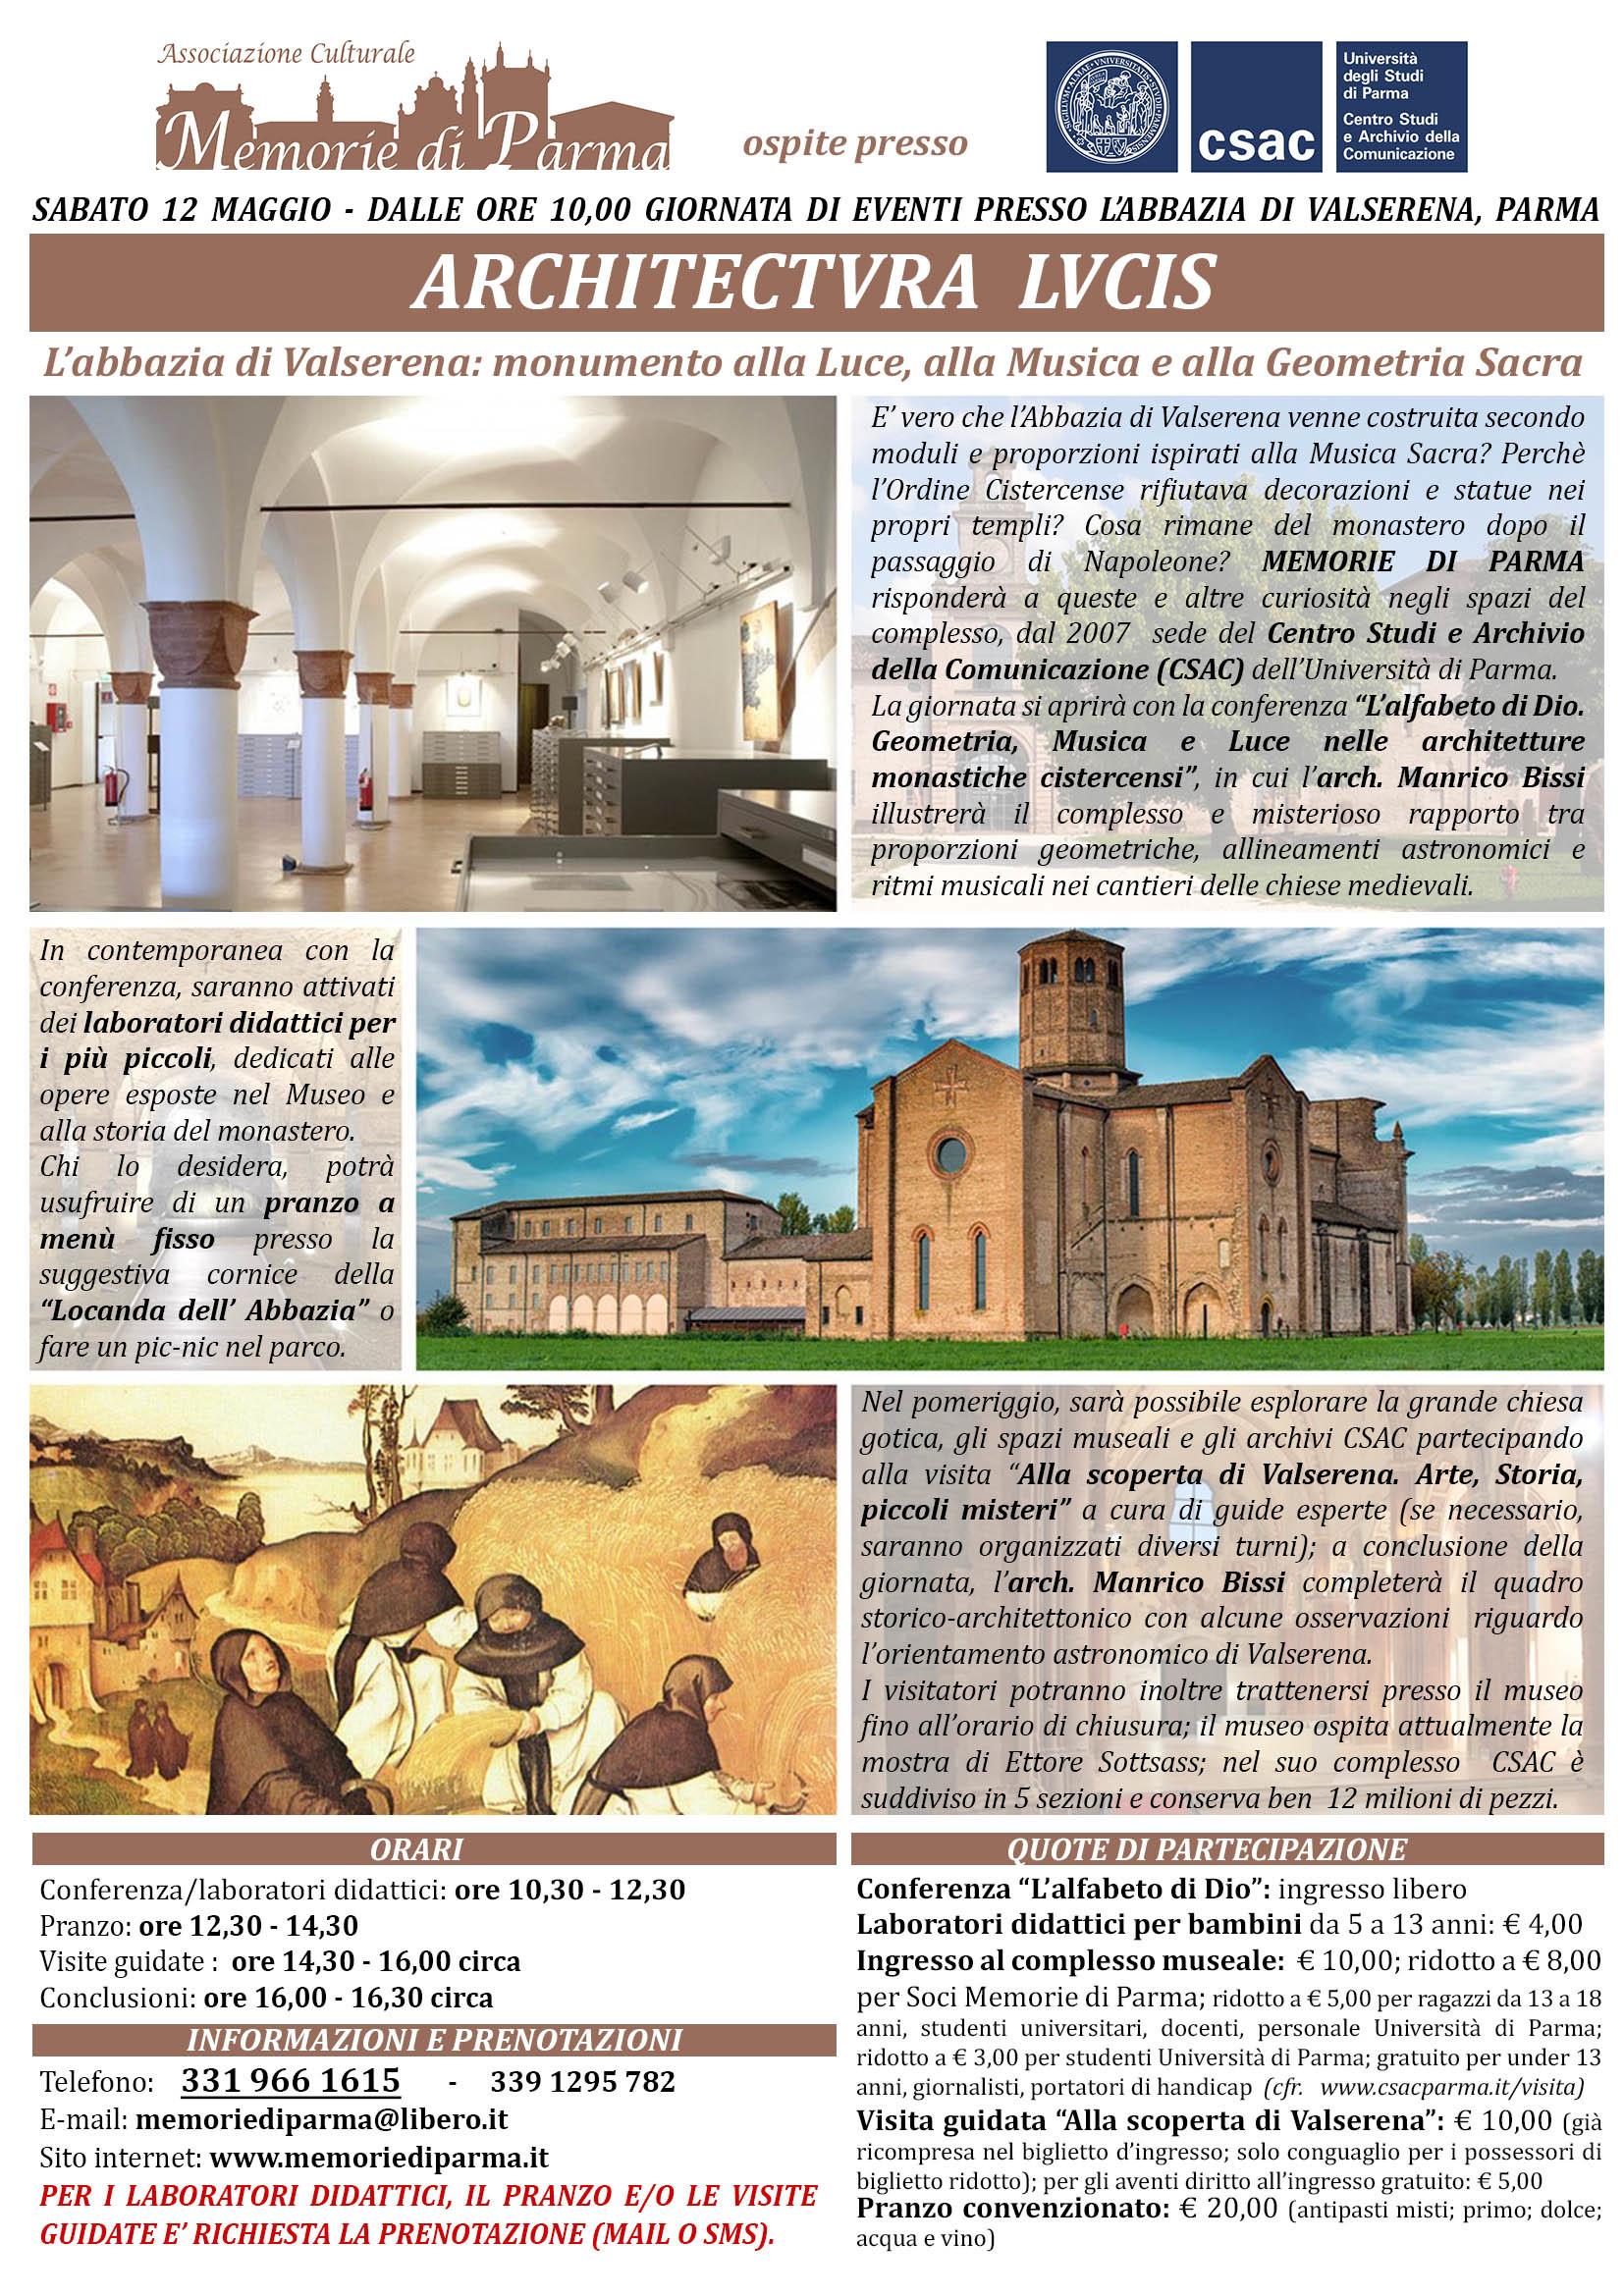 """""""ARCHITECTURA LUCIS. L'abbazia di Valserena: monumento alla Luce, alla Musica e alla Geometria Sacra"""""""